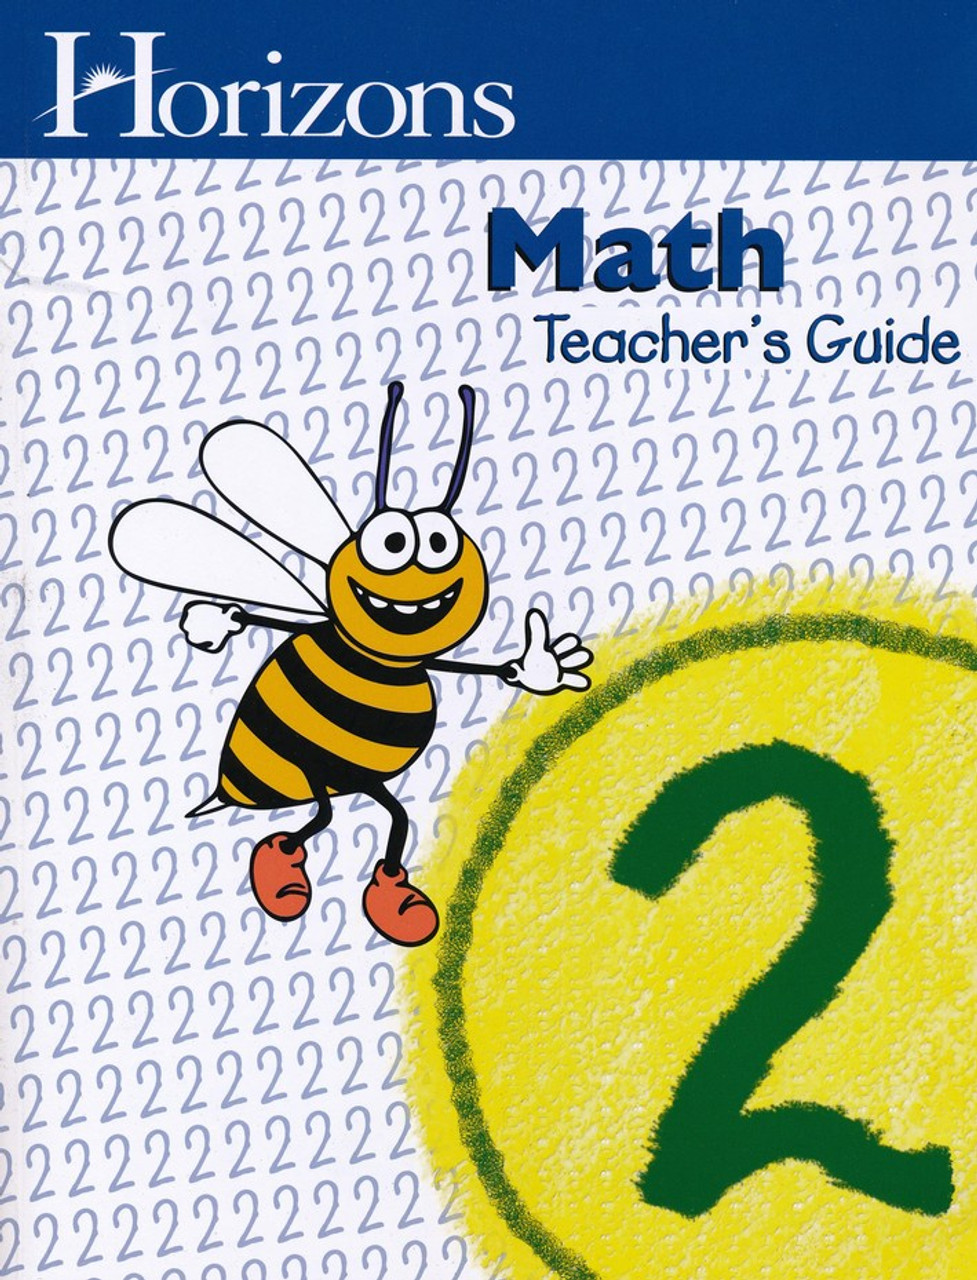 Horizons Grade 2 Teachers Guide - Classroom Resource Center [ 1280 x 977 Pixel ]